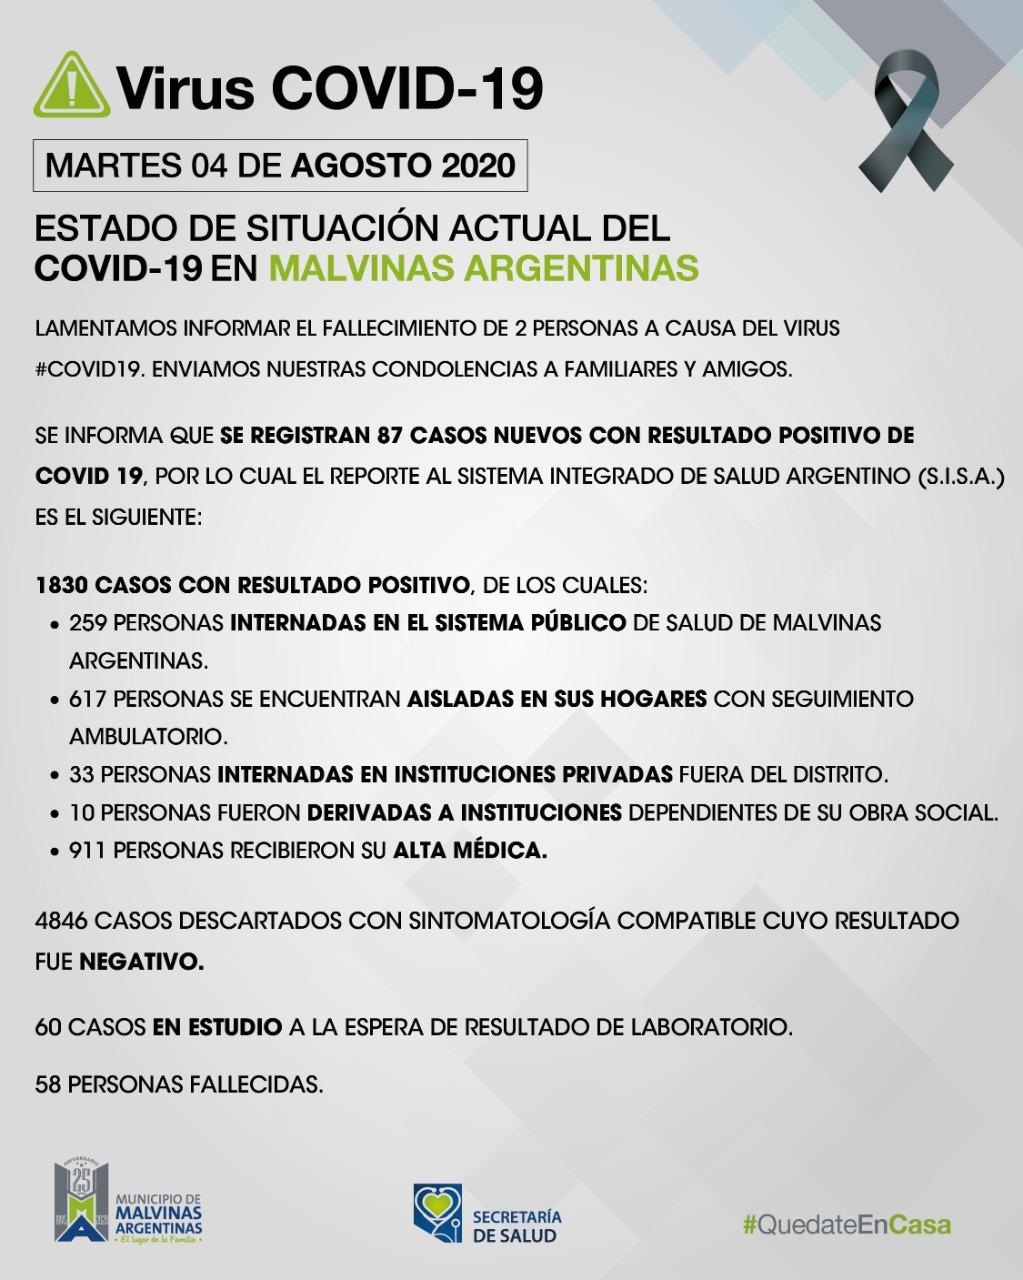 Malvinas Argentinas. 2 fallecidos y 87 nuevos casos de coronavirus. Covid_50